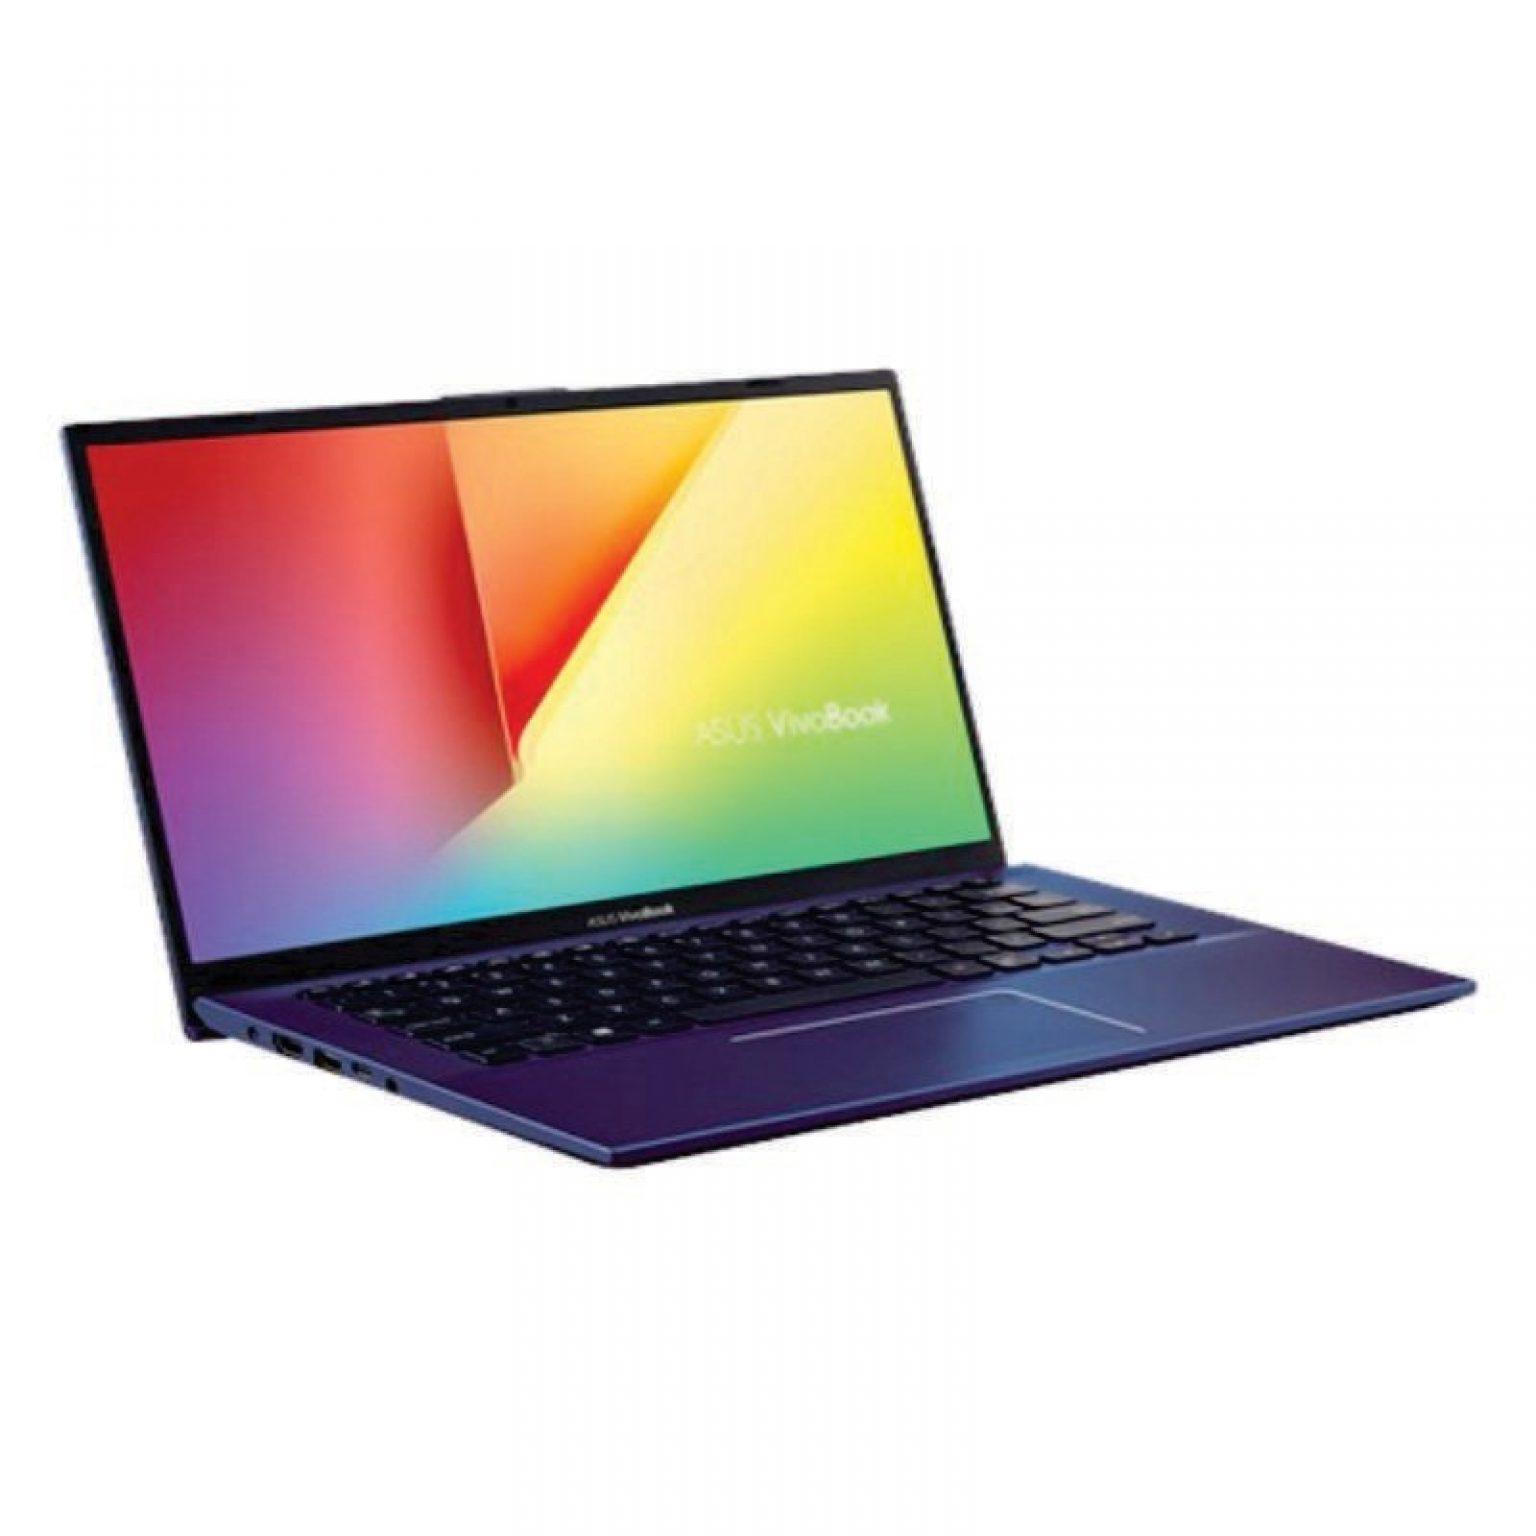 ASUS - A412DA-EK503T (R5-3500U/8GB RAM/1TB HDD/Win10SL/Peacock Blue)